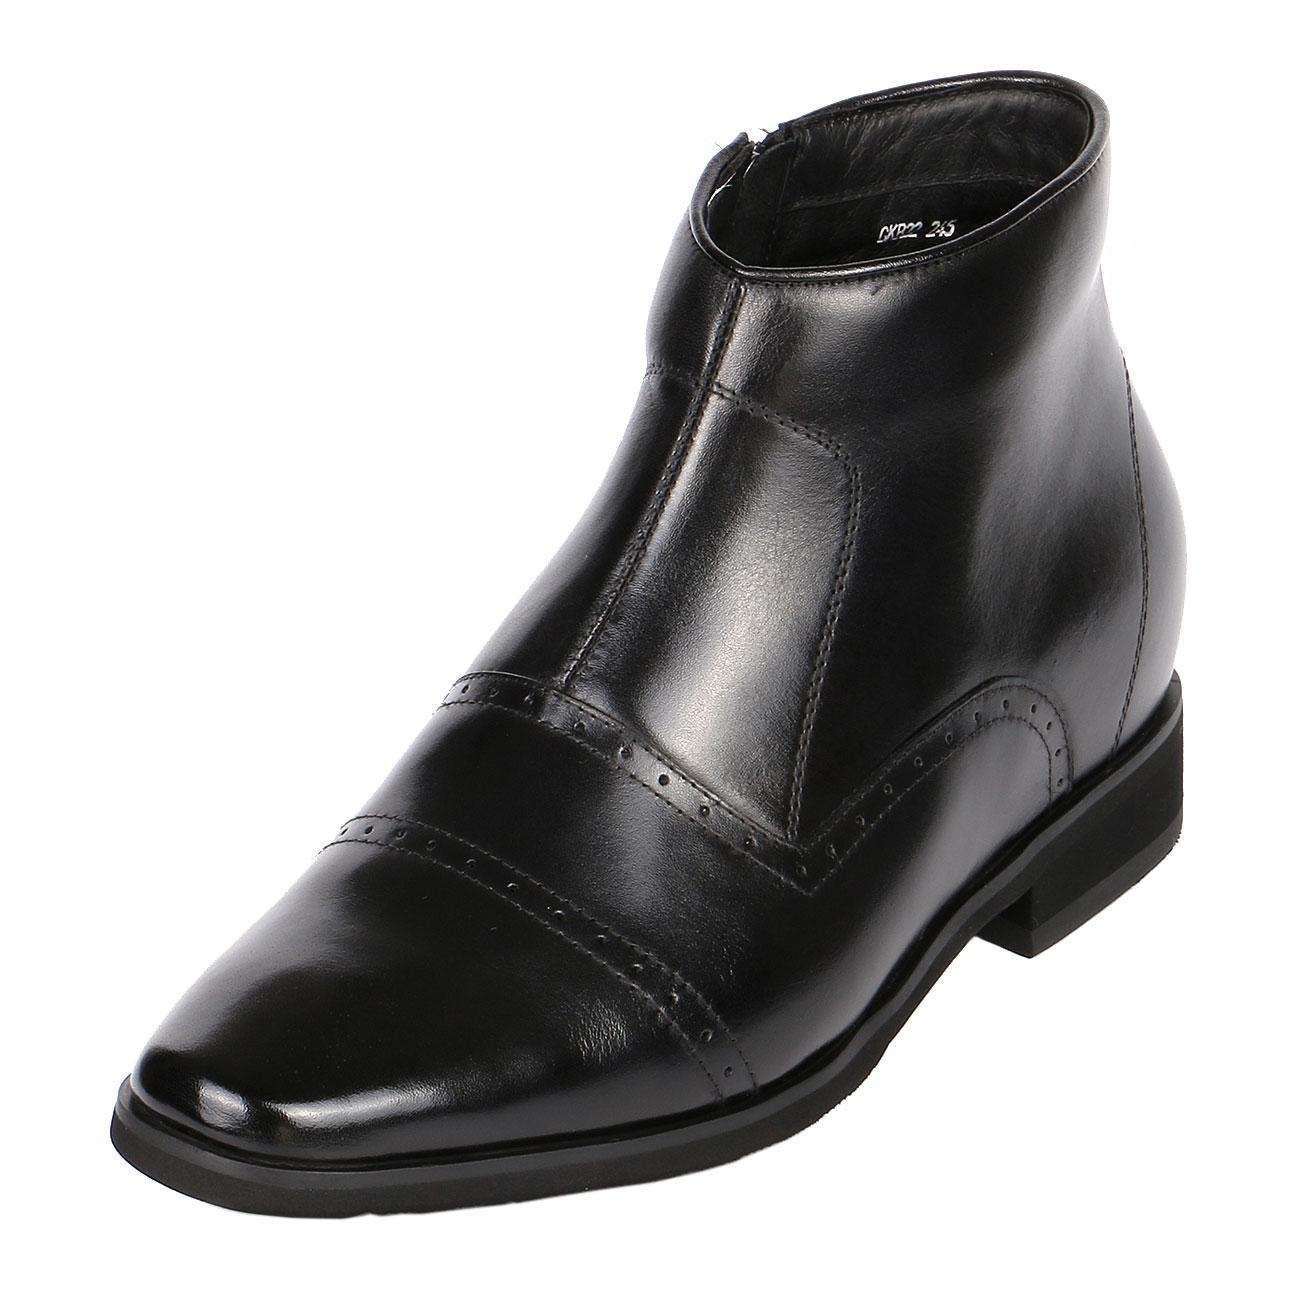 Jota Midtown Cap Toe Zip Boot 2.8